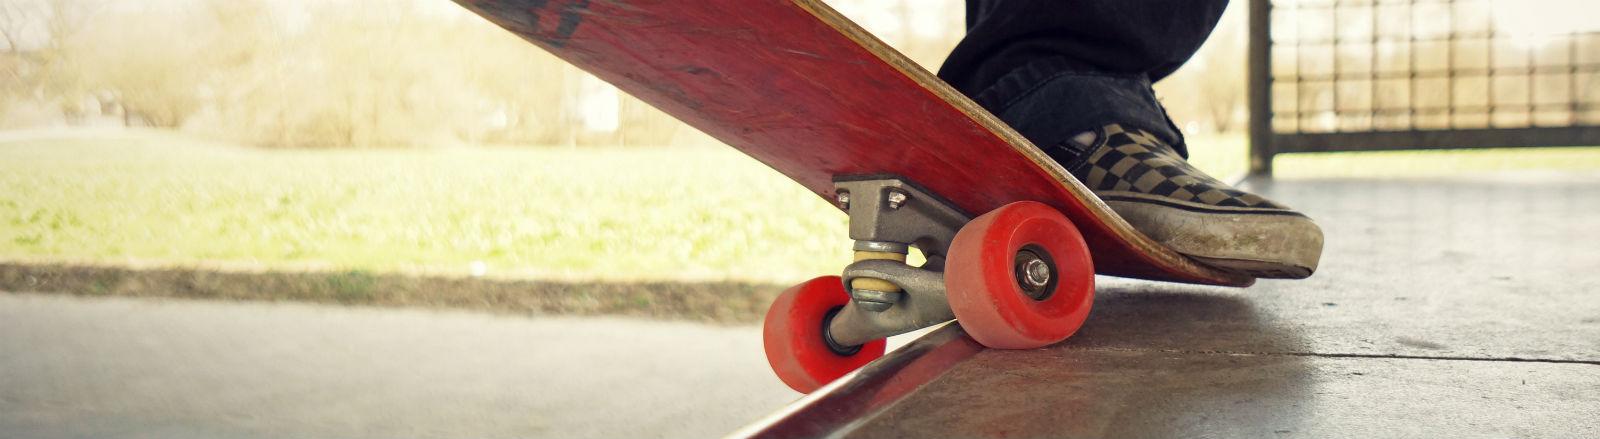 Ein Skater steht auf einem Skateboard, in Jeans und Karoschuhen,